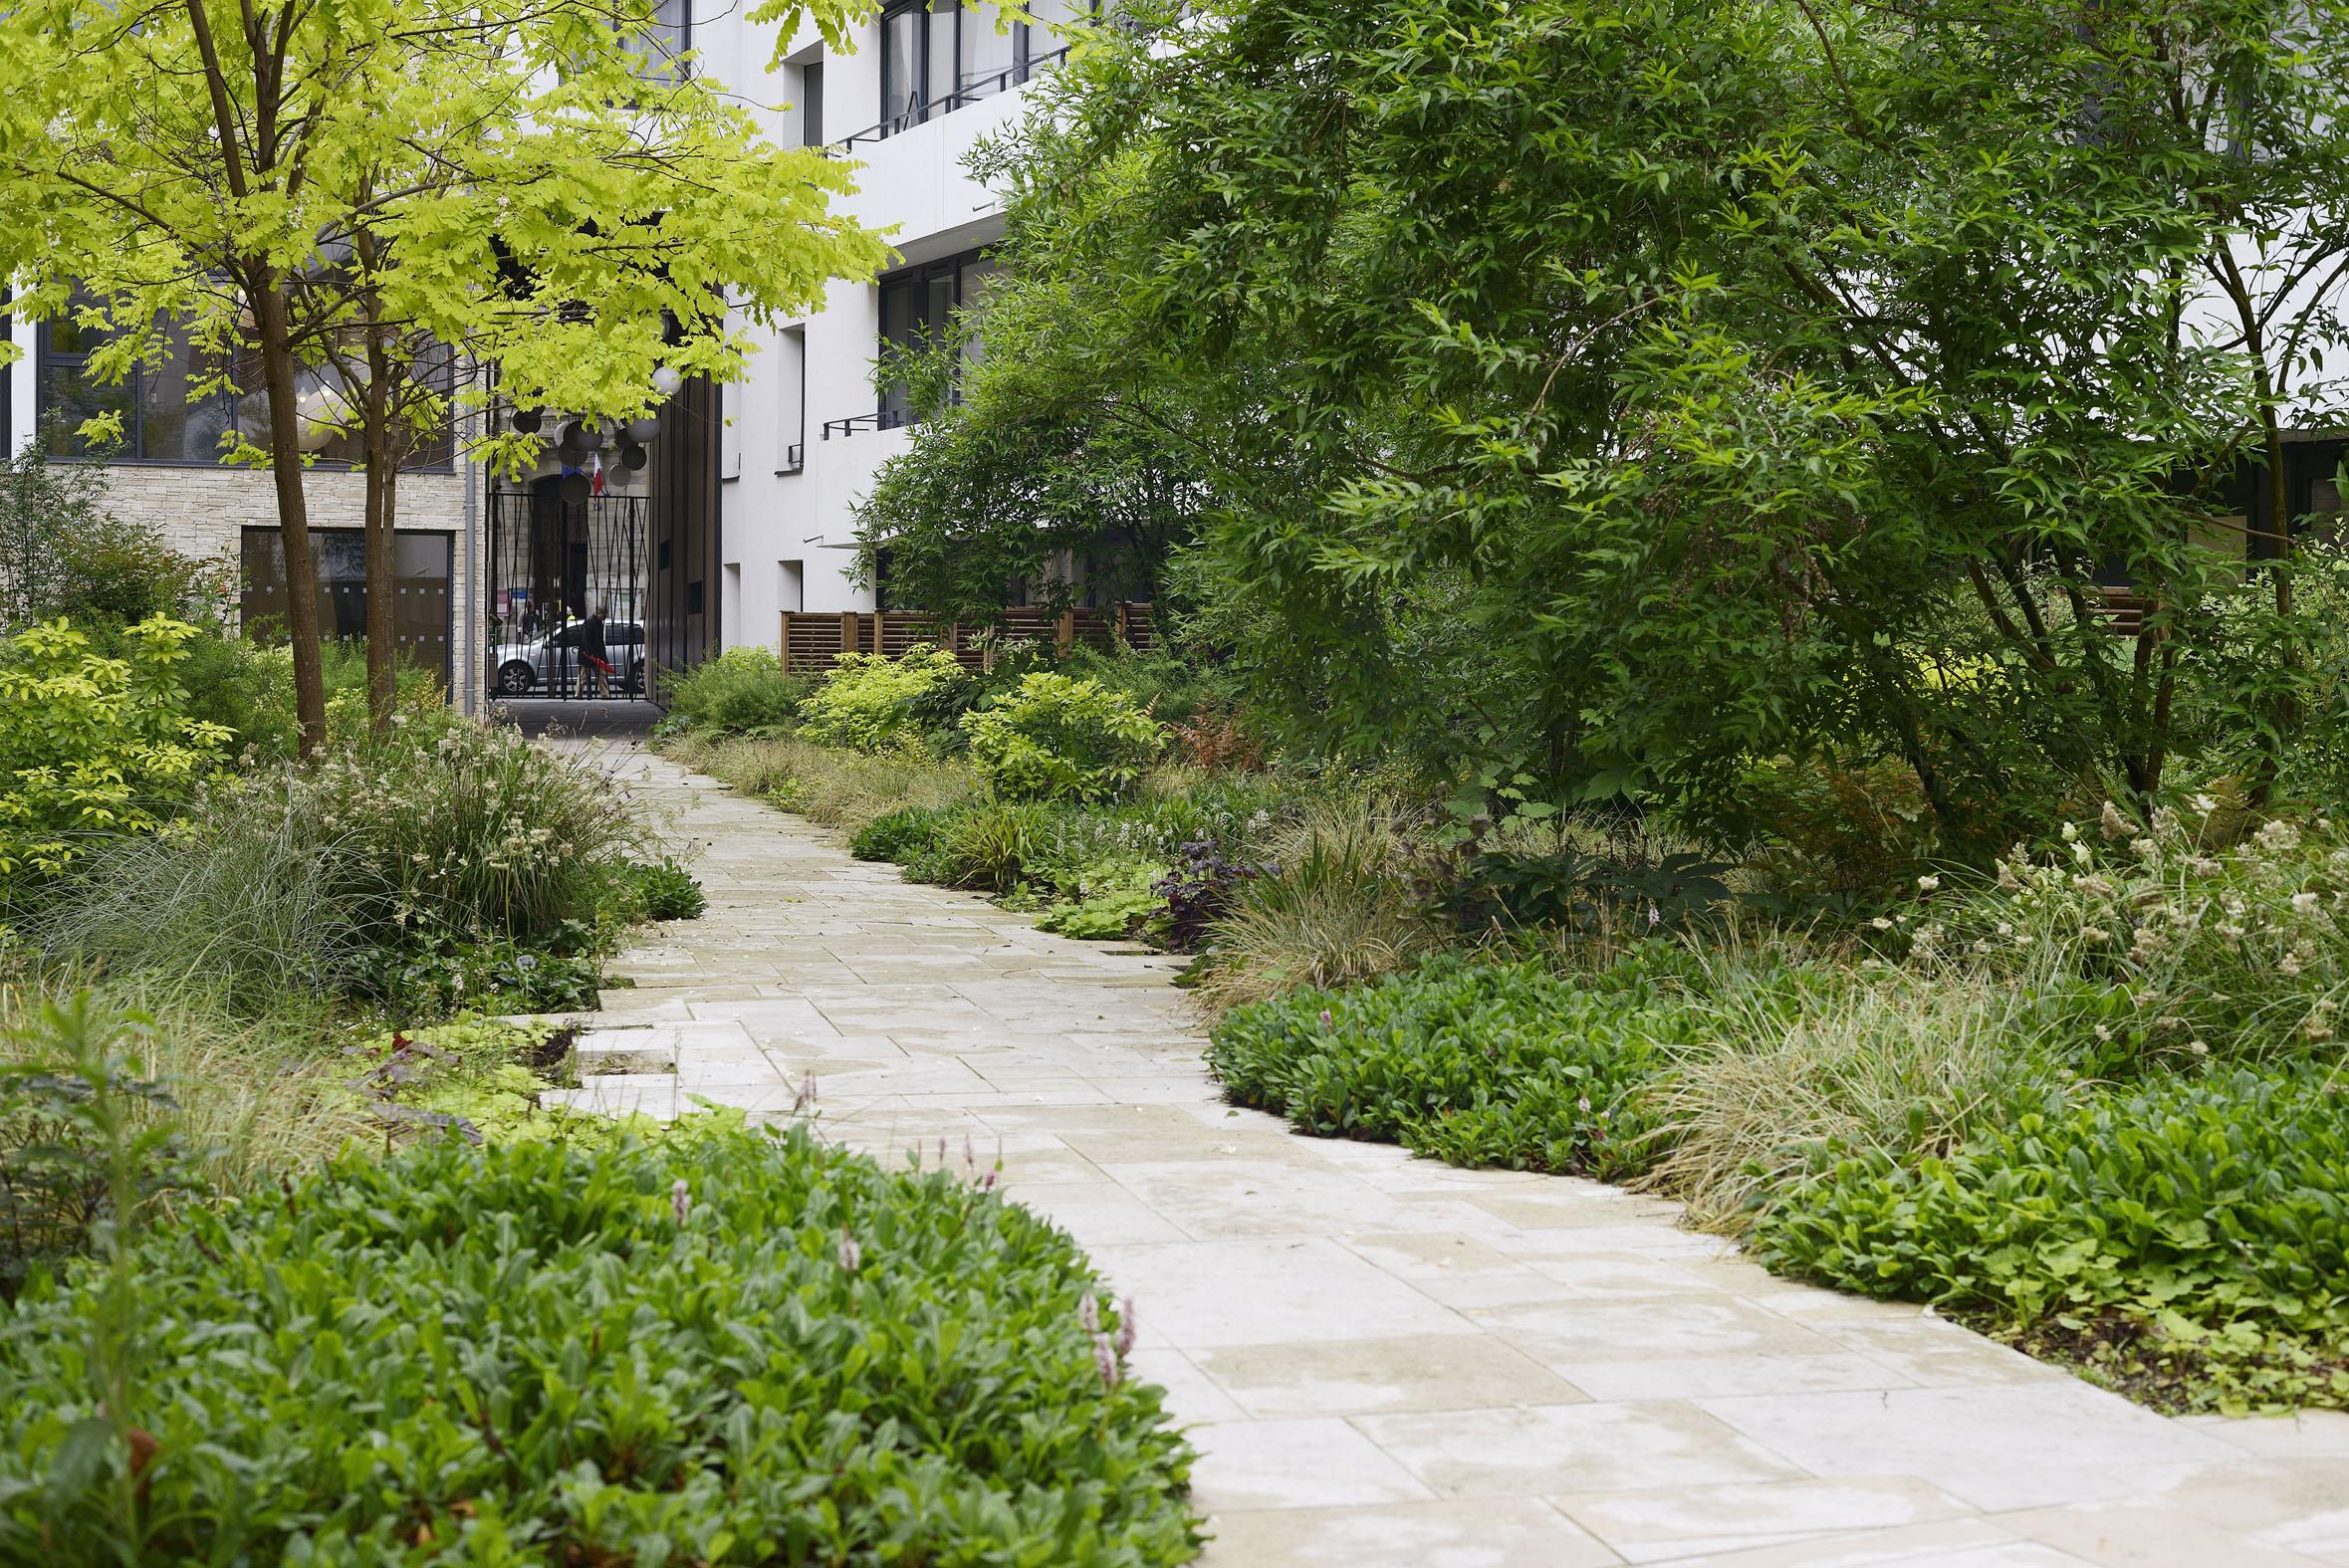 Rue de meaux jardin int rieur conception jardin dallage et for Jardin 122 rue des poissonniers